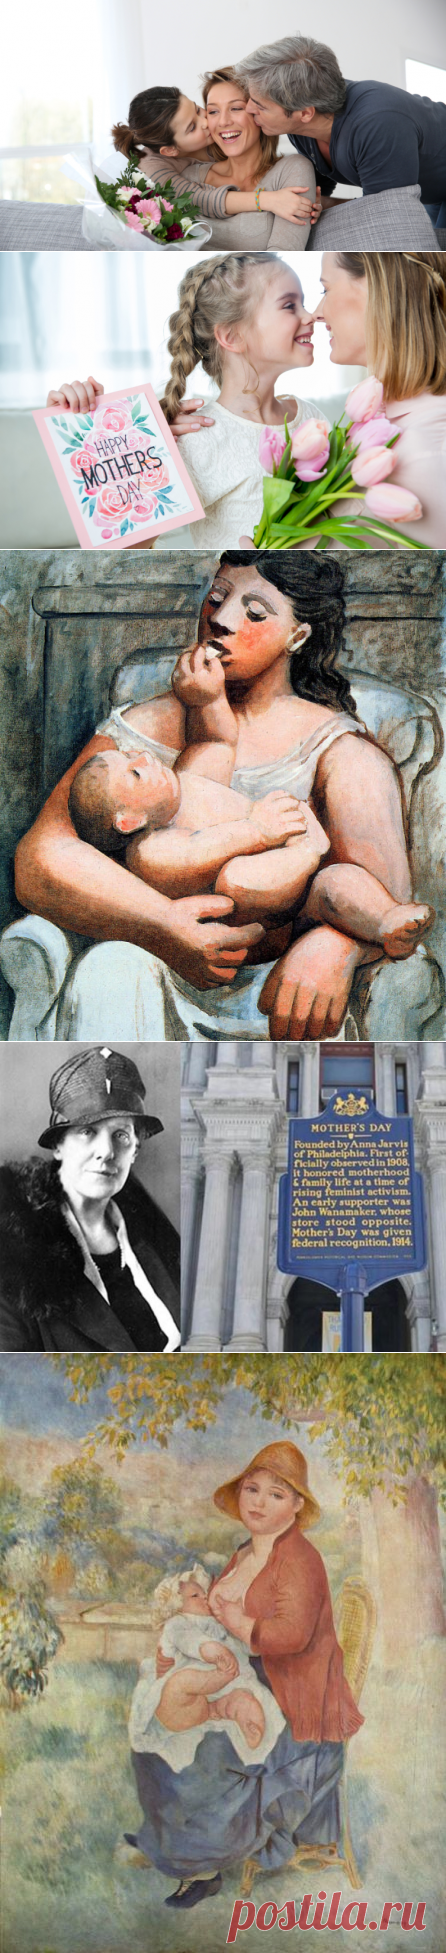 Как появился праздник День матери? | Мир вокруг нас